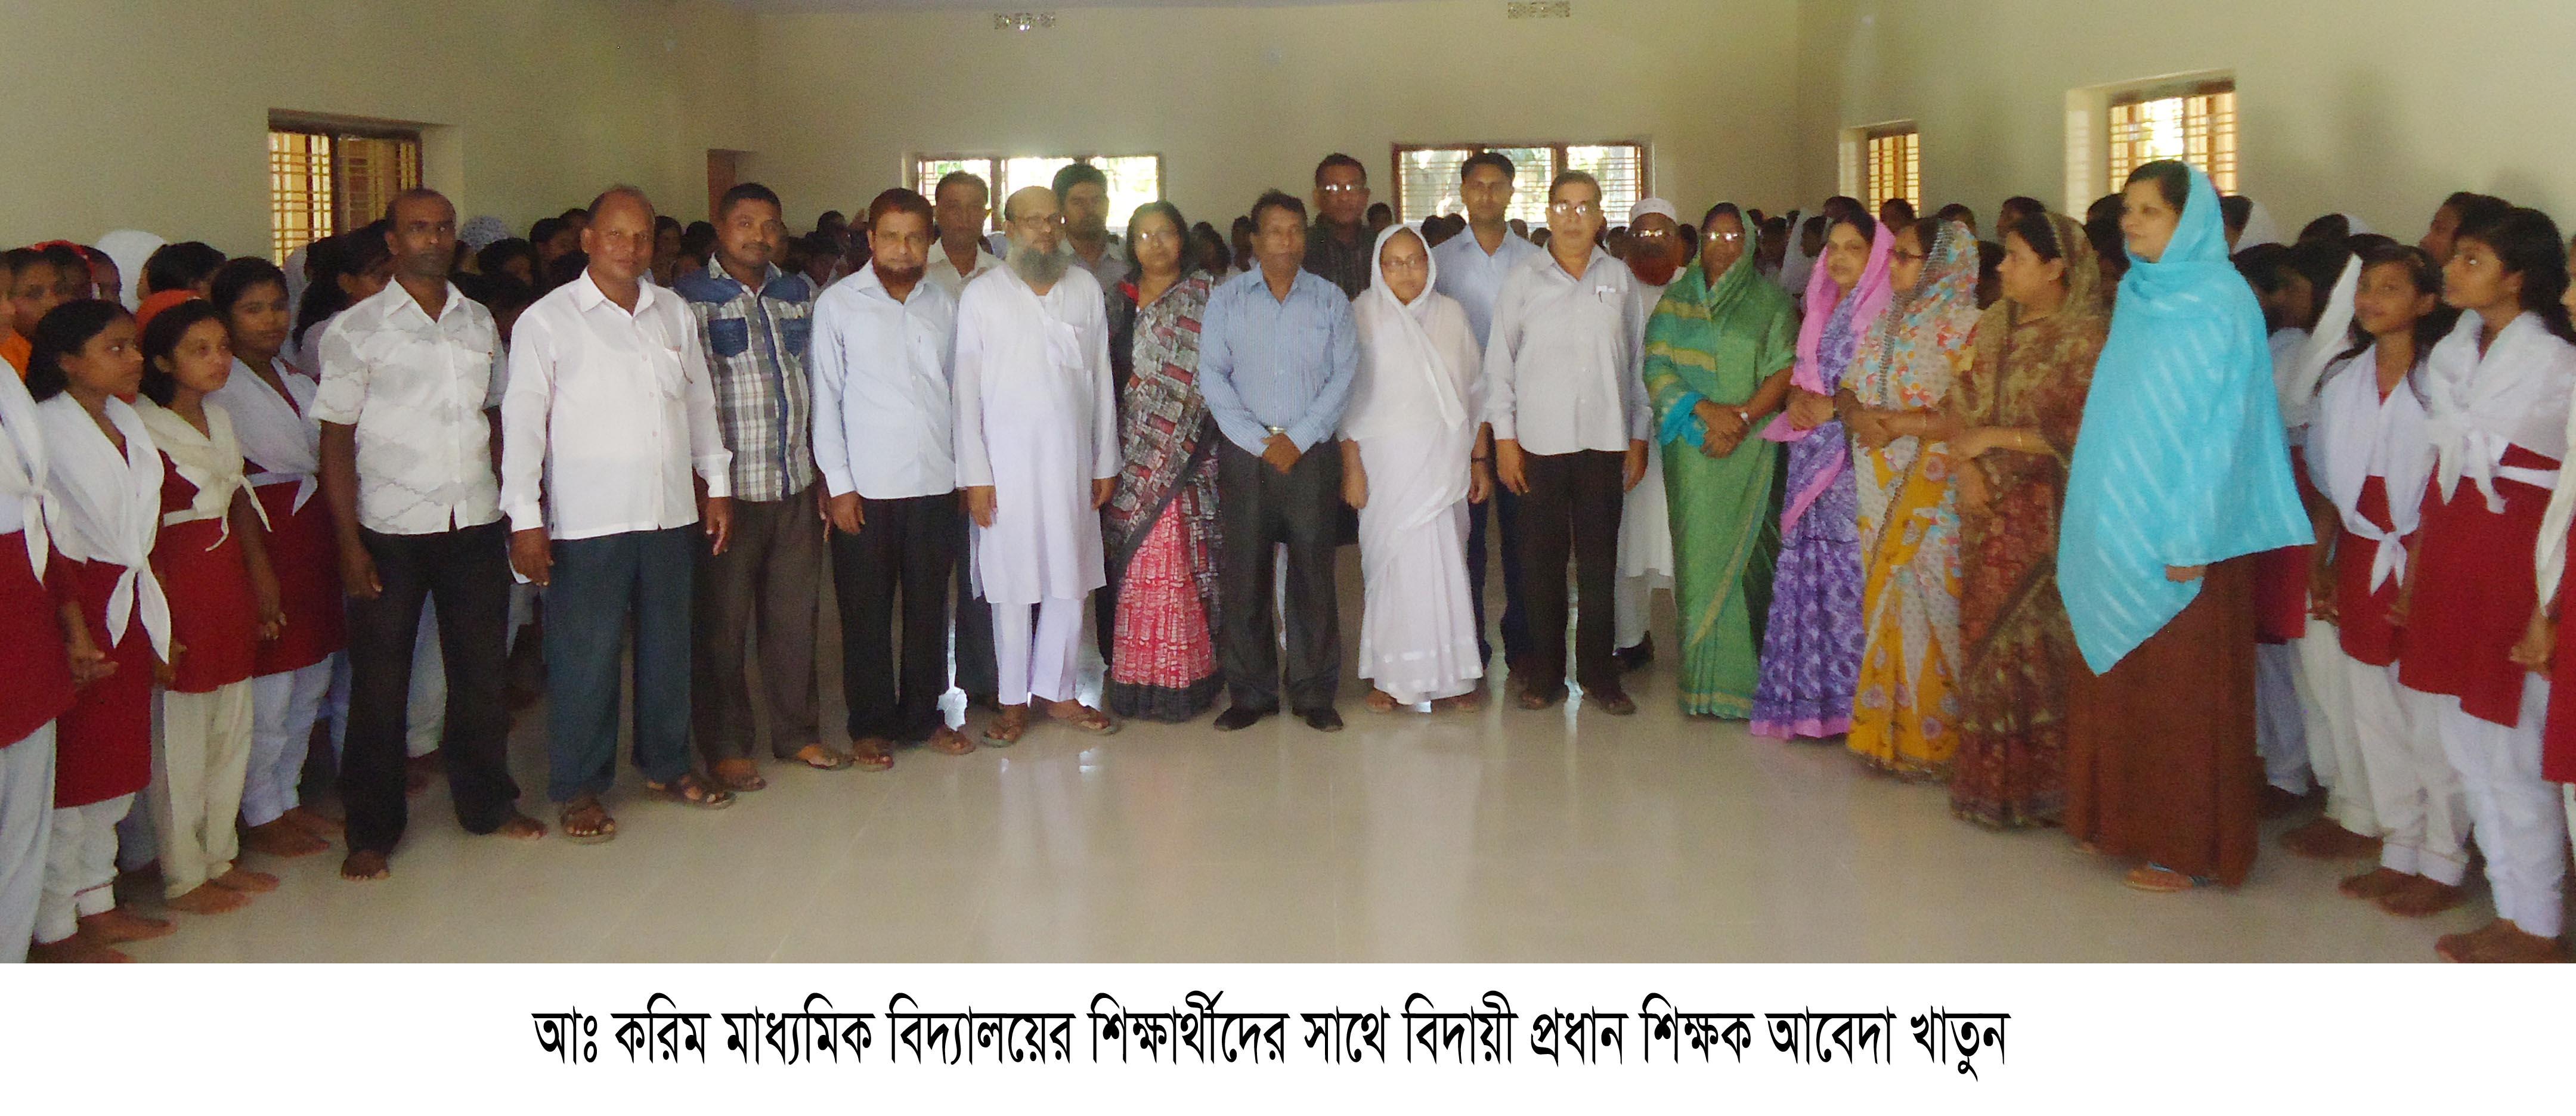 Satkhira Pic 1